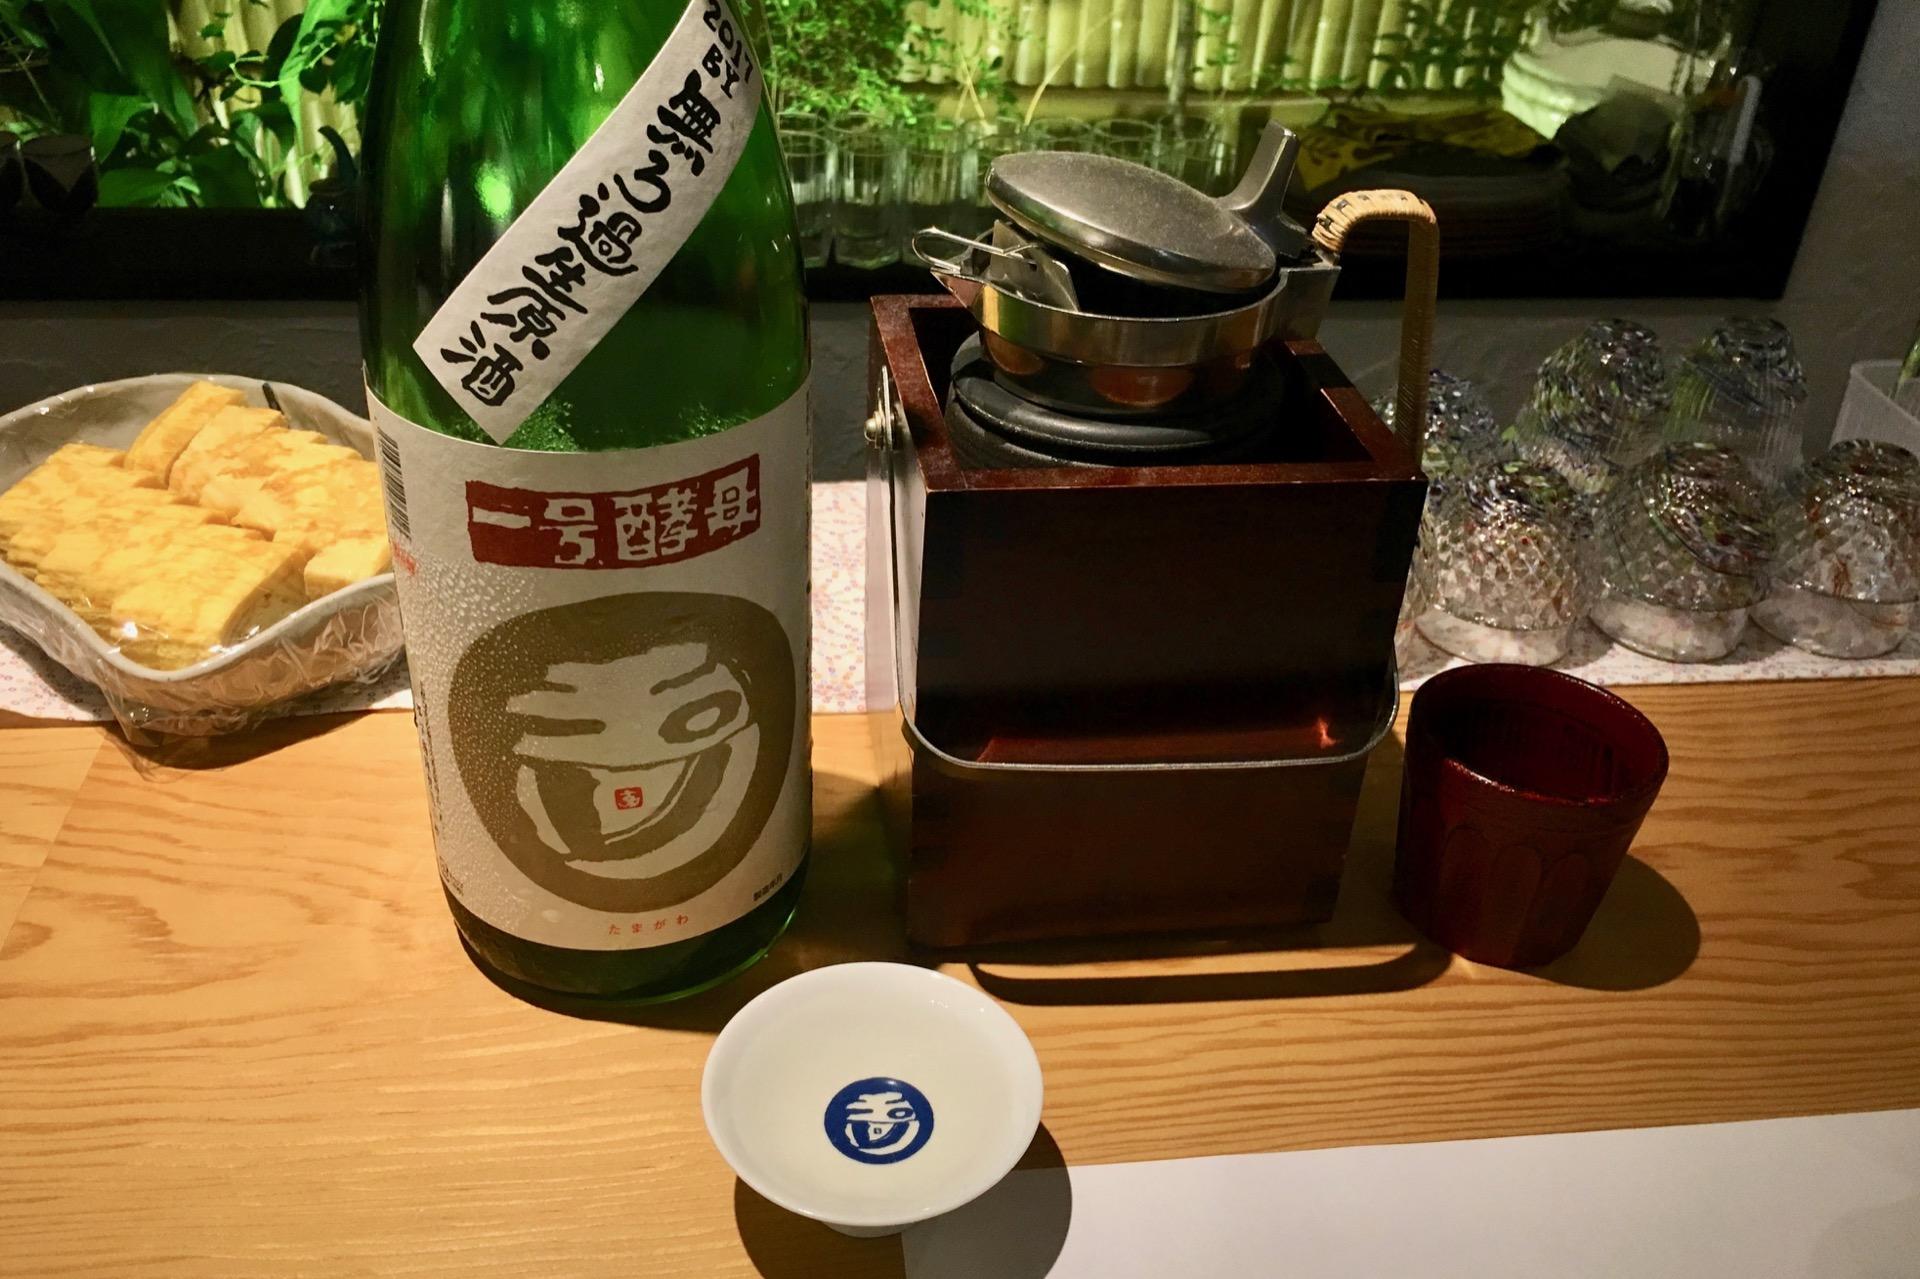 玉川 一号酵母 無濾過生原酒 本醸造 2017BY|日本酒テイスティングノート